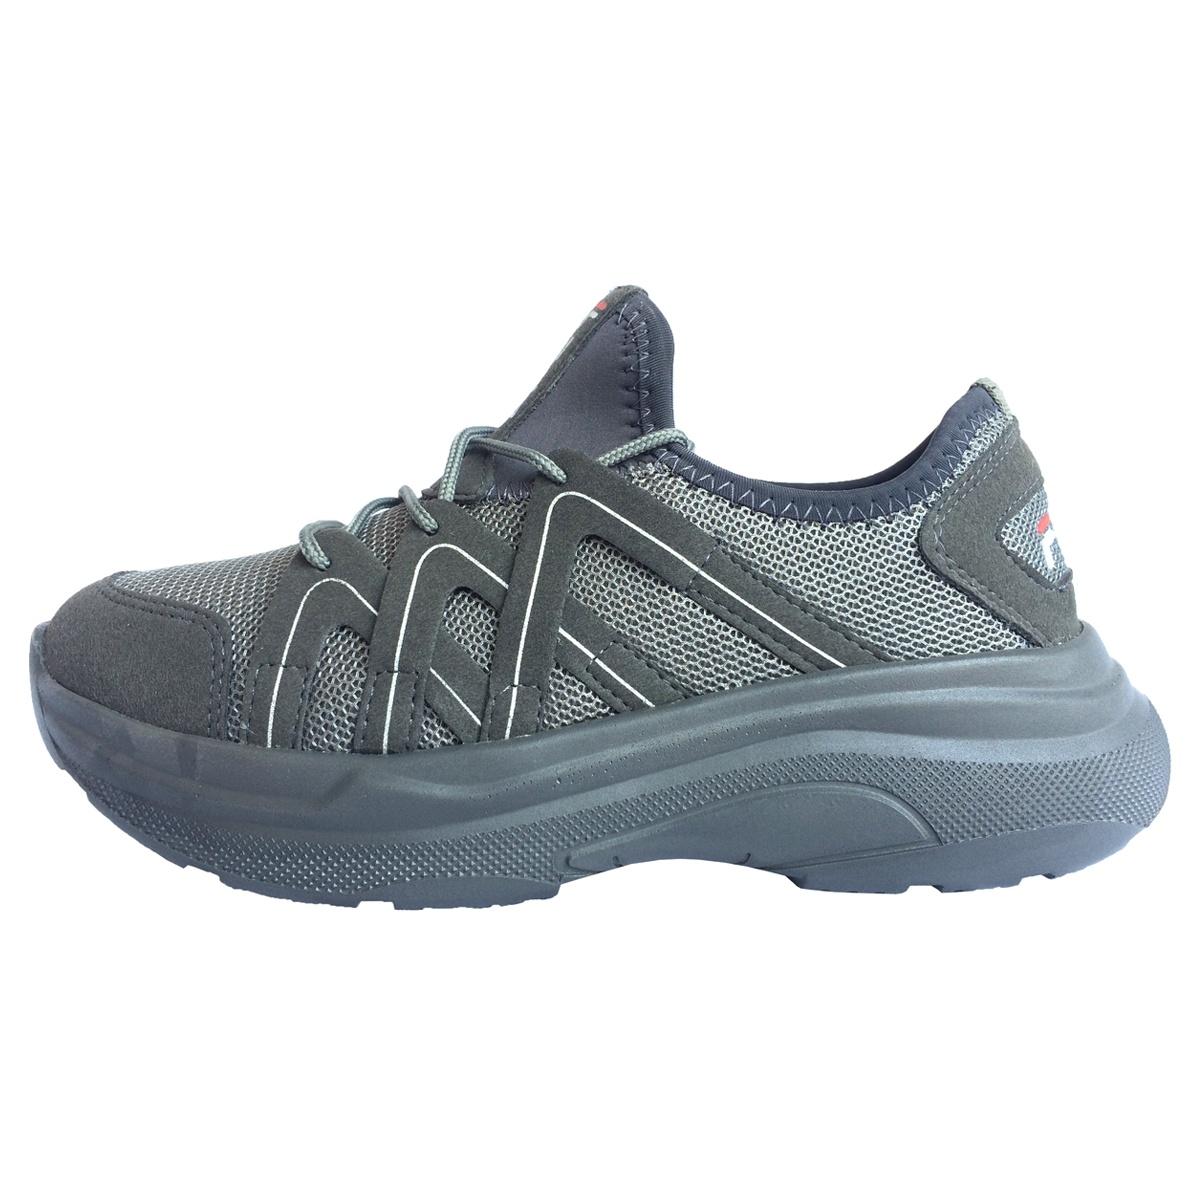 کفش مخصوص پیاده روی زنانه مدل lux-4517